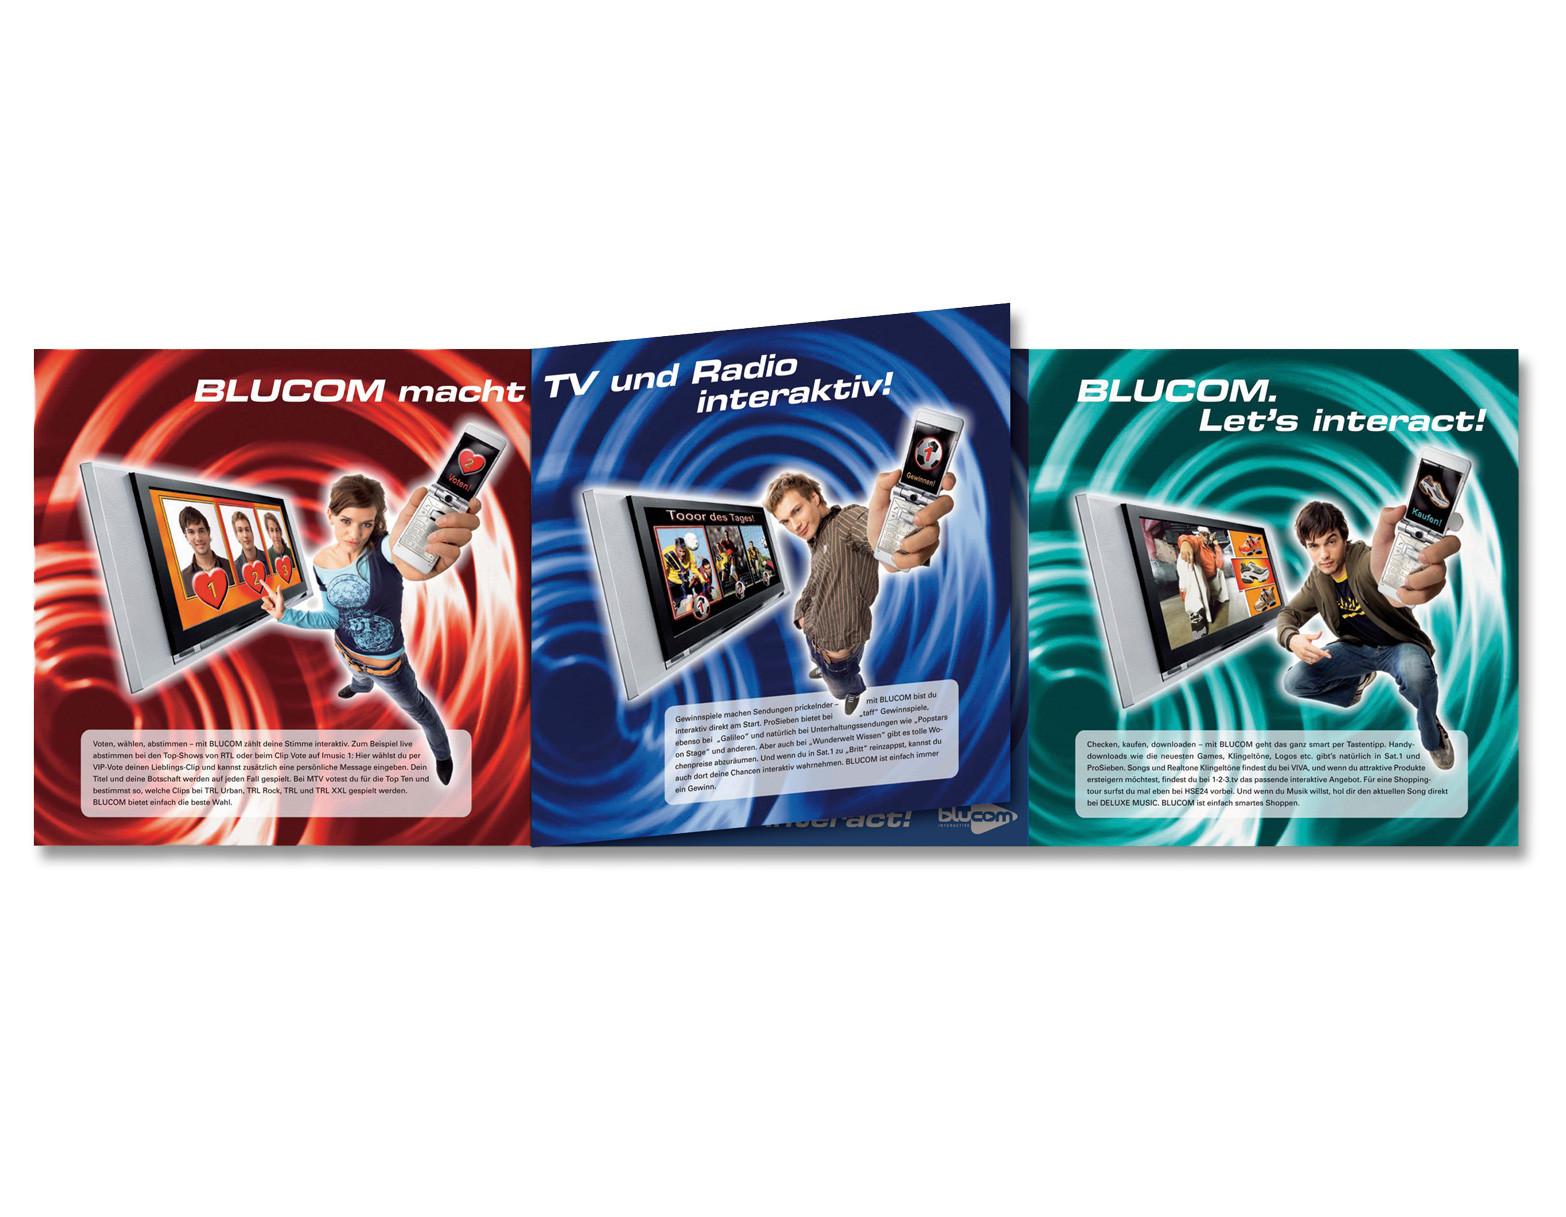 Kampagne Blucom